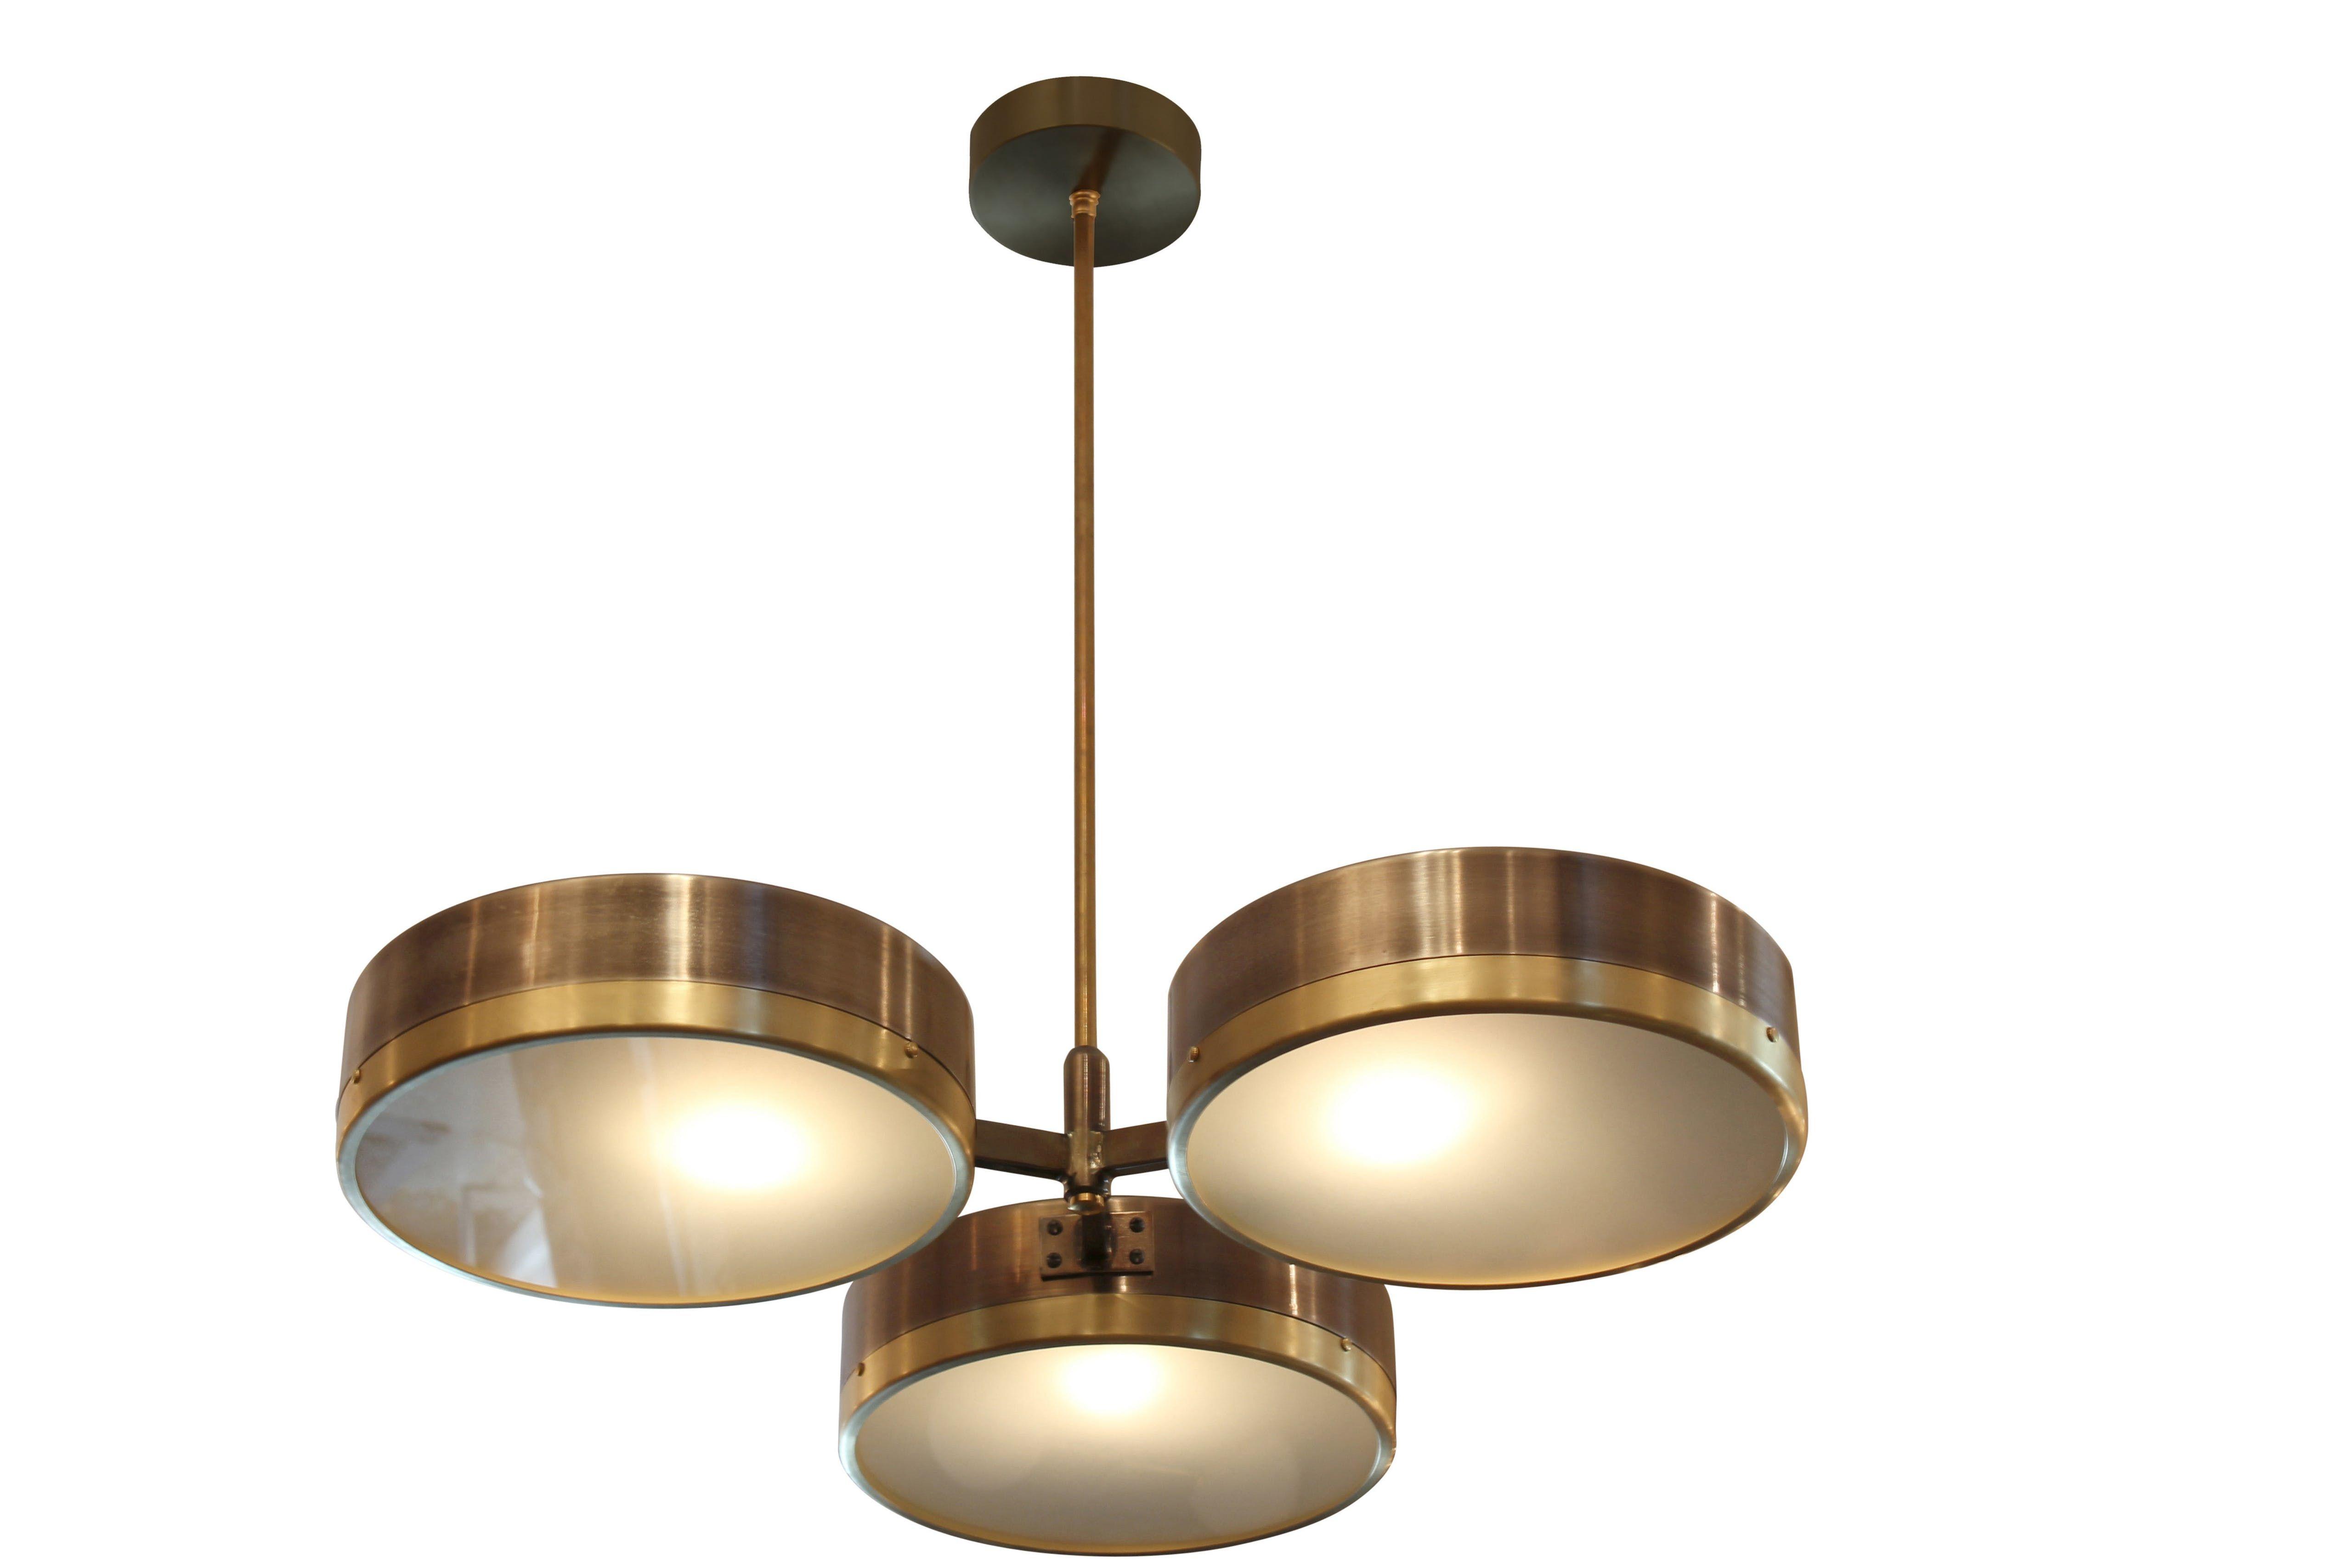 Downtown dante iii lighting ceiling | Drum chandelier